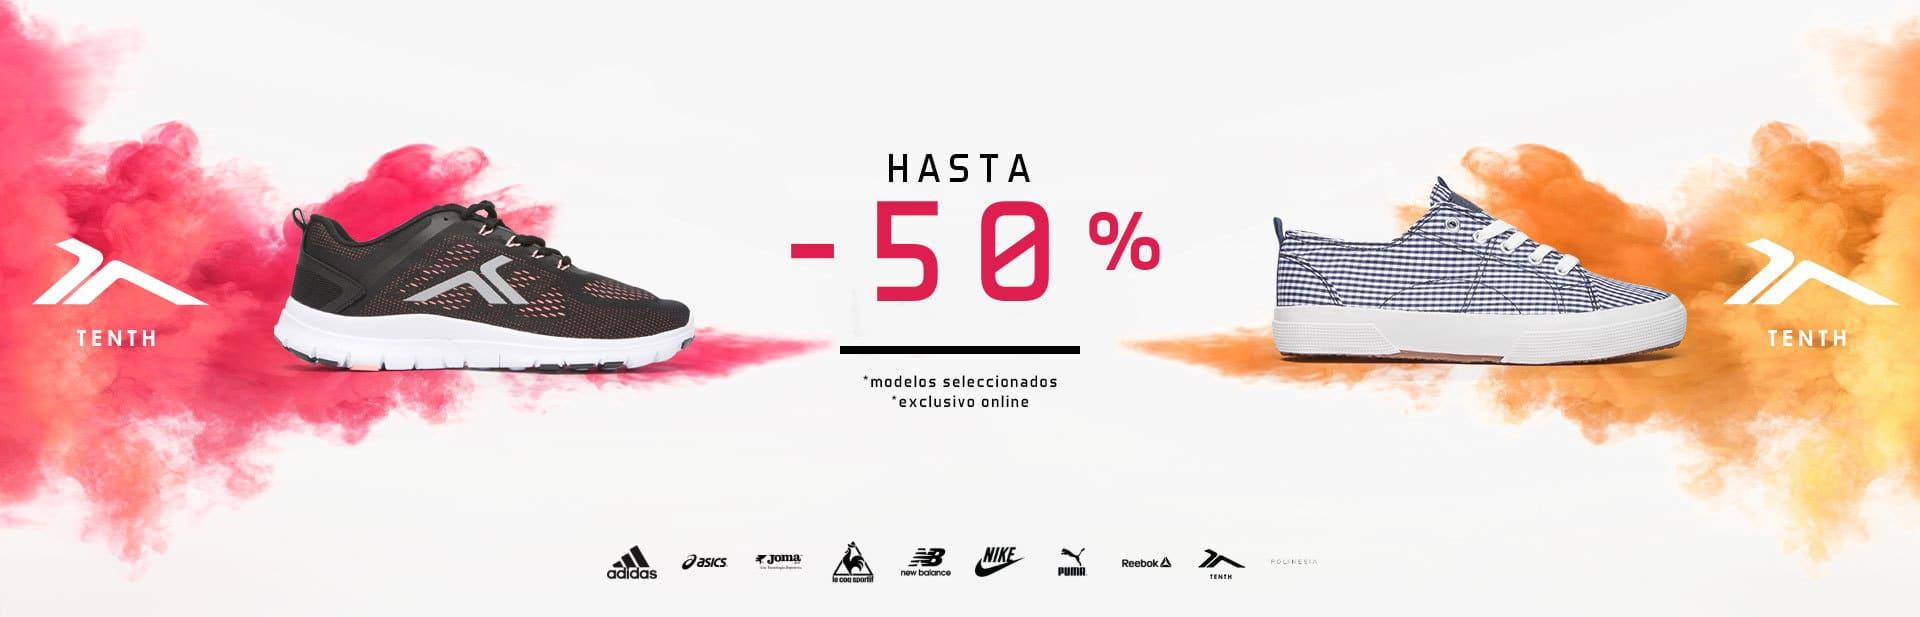 9f5255e7 Comprar Moda deportiva para mujer online | Décimas